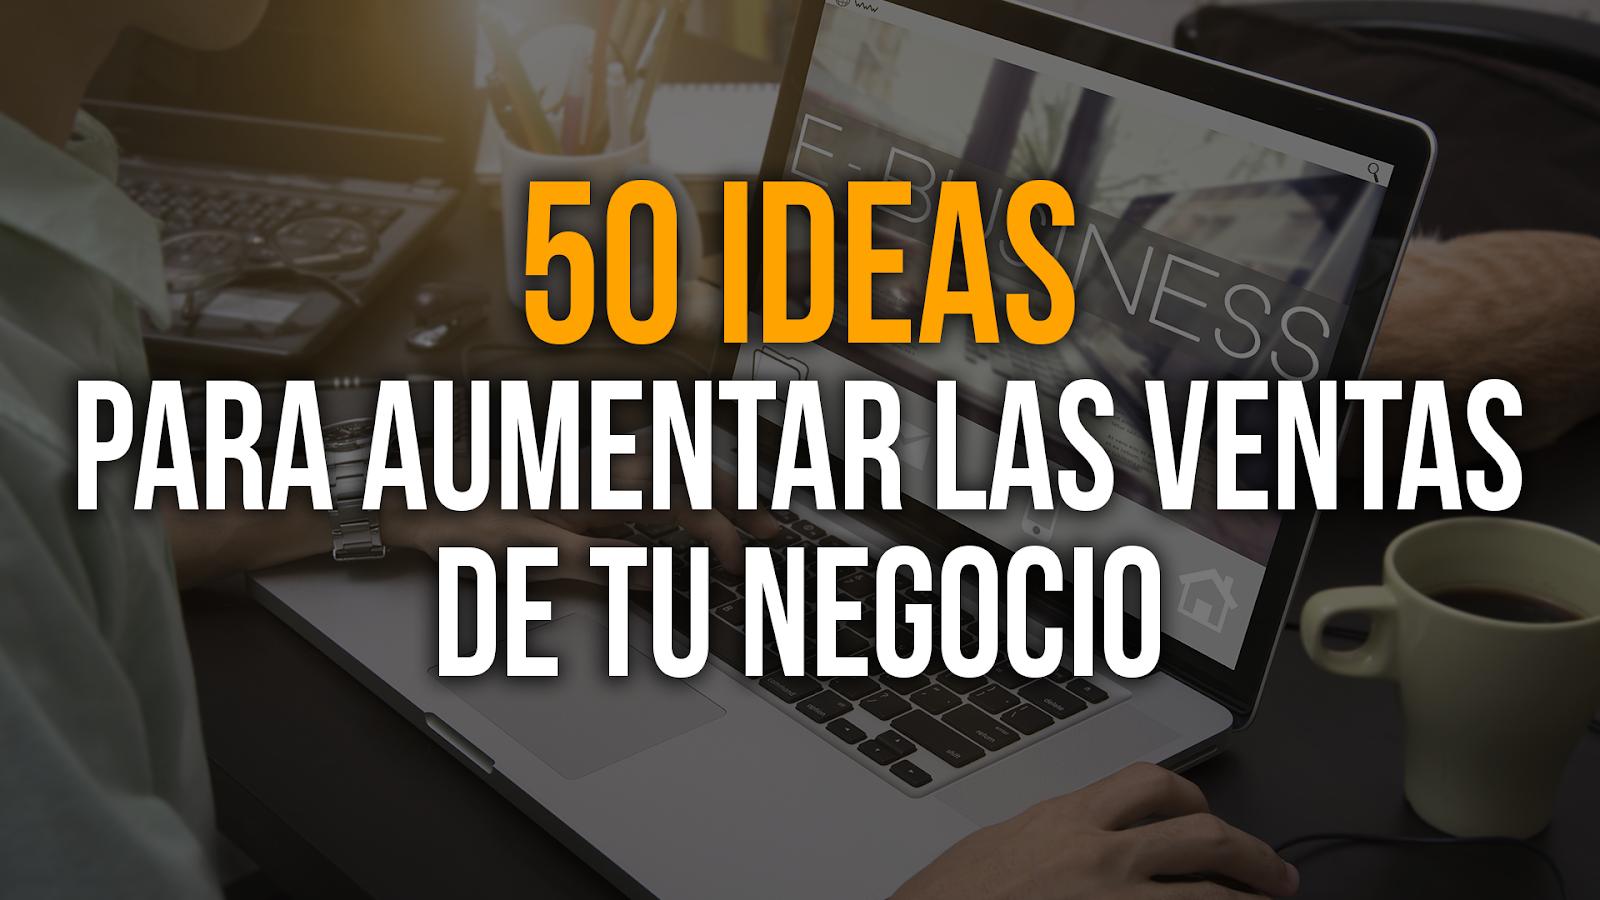 50 Ideas para aumentar las ventas de un negocio